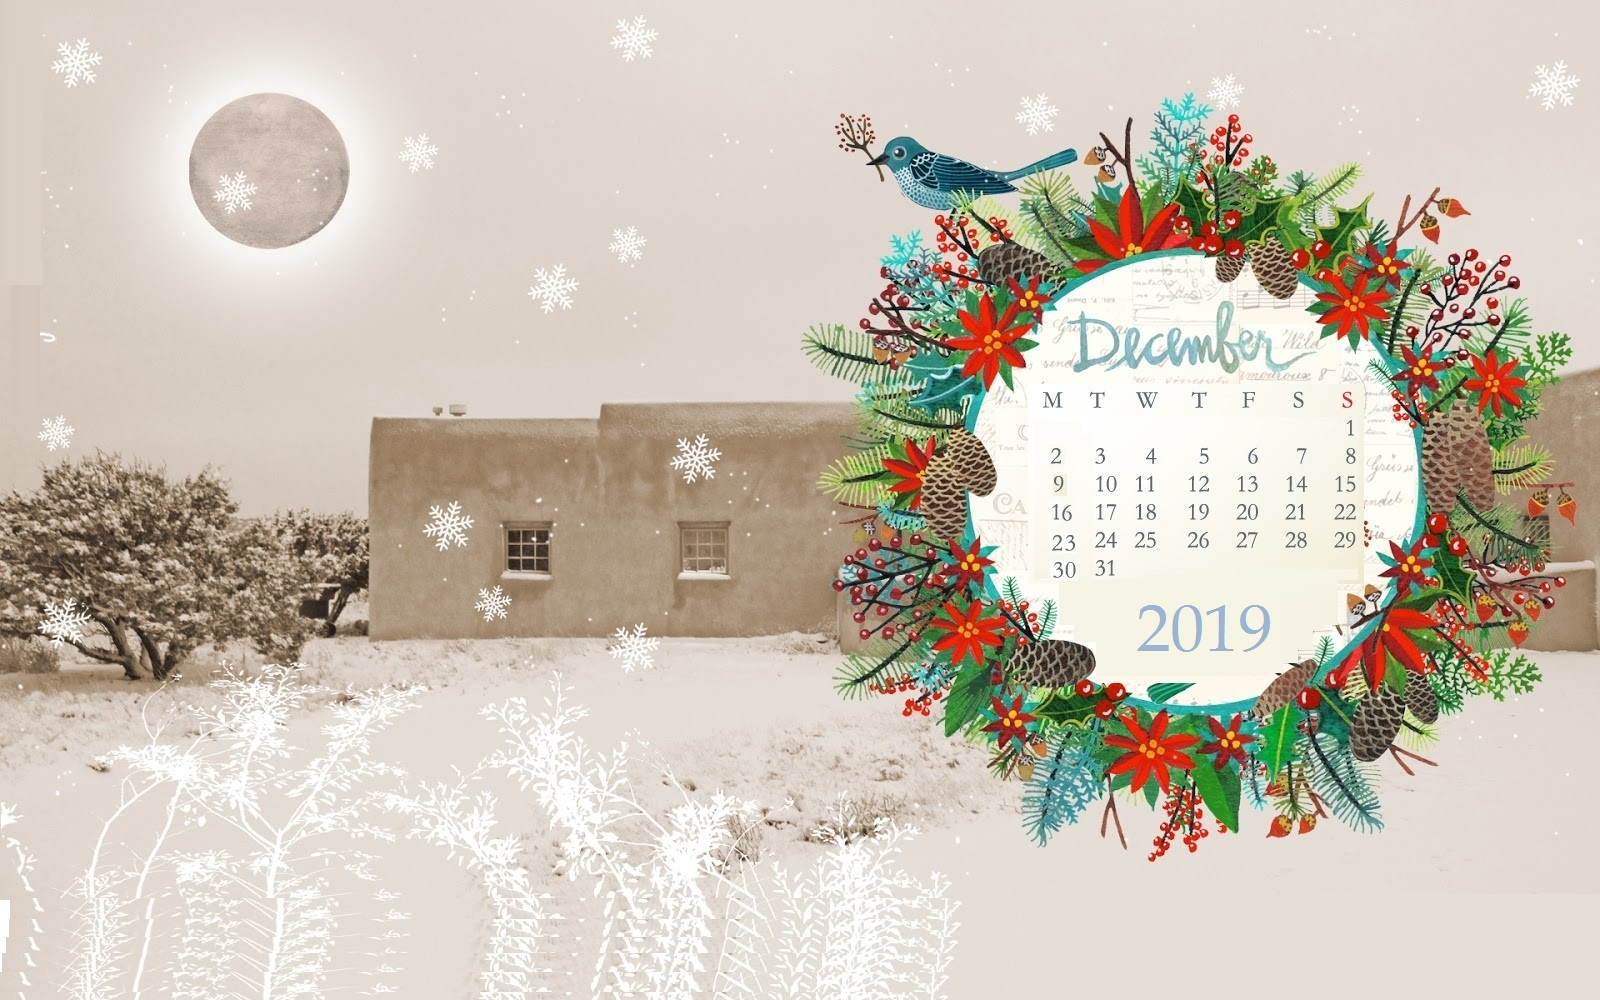 December 2019 Wallpaper